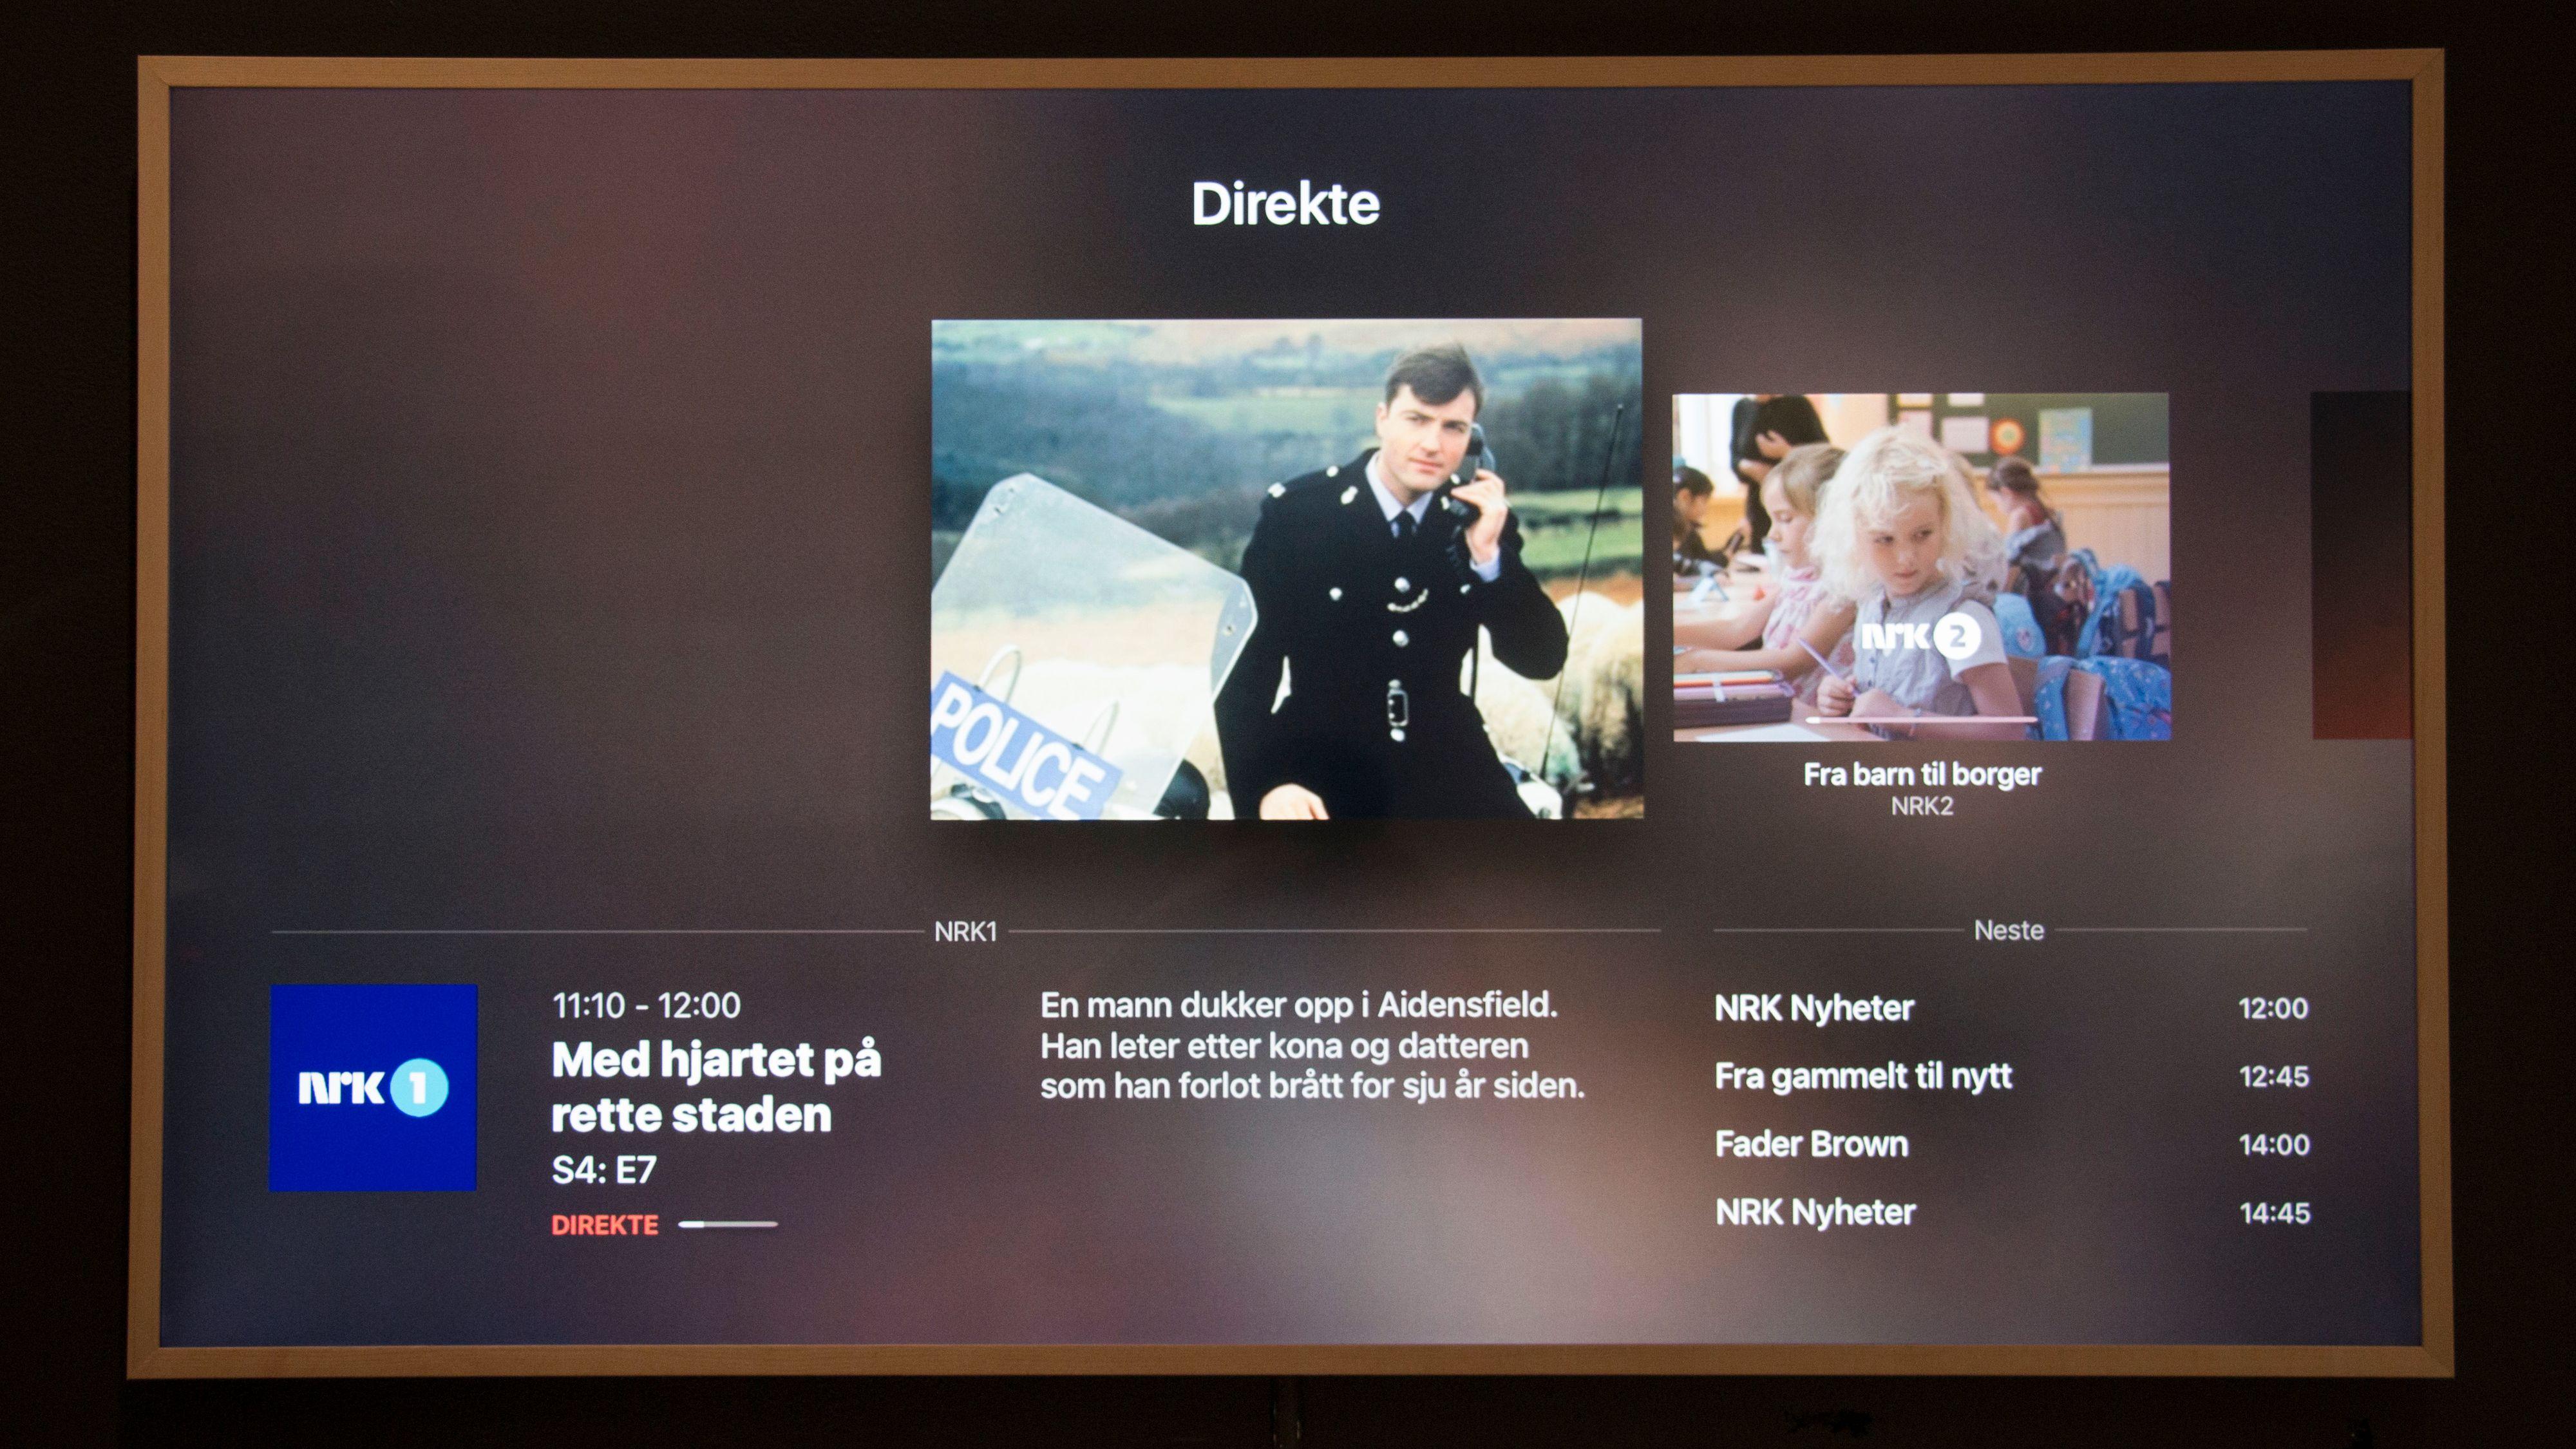 Apple TV-appen mangler en full TV-guide slik vi kjenner fra dekoderverdenen. Du kan imidlertid få bedre oversikt gjennom mobilappen.